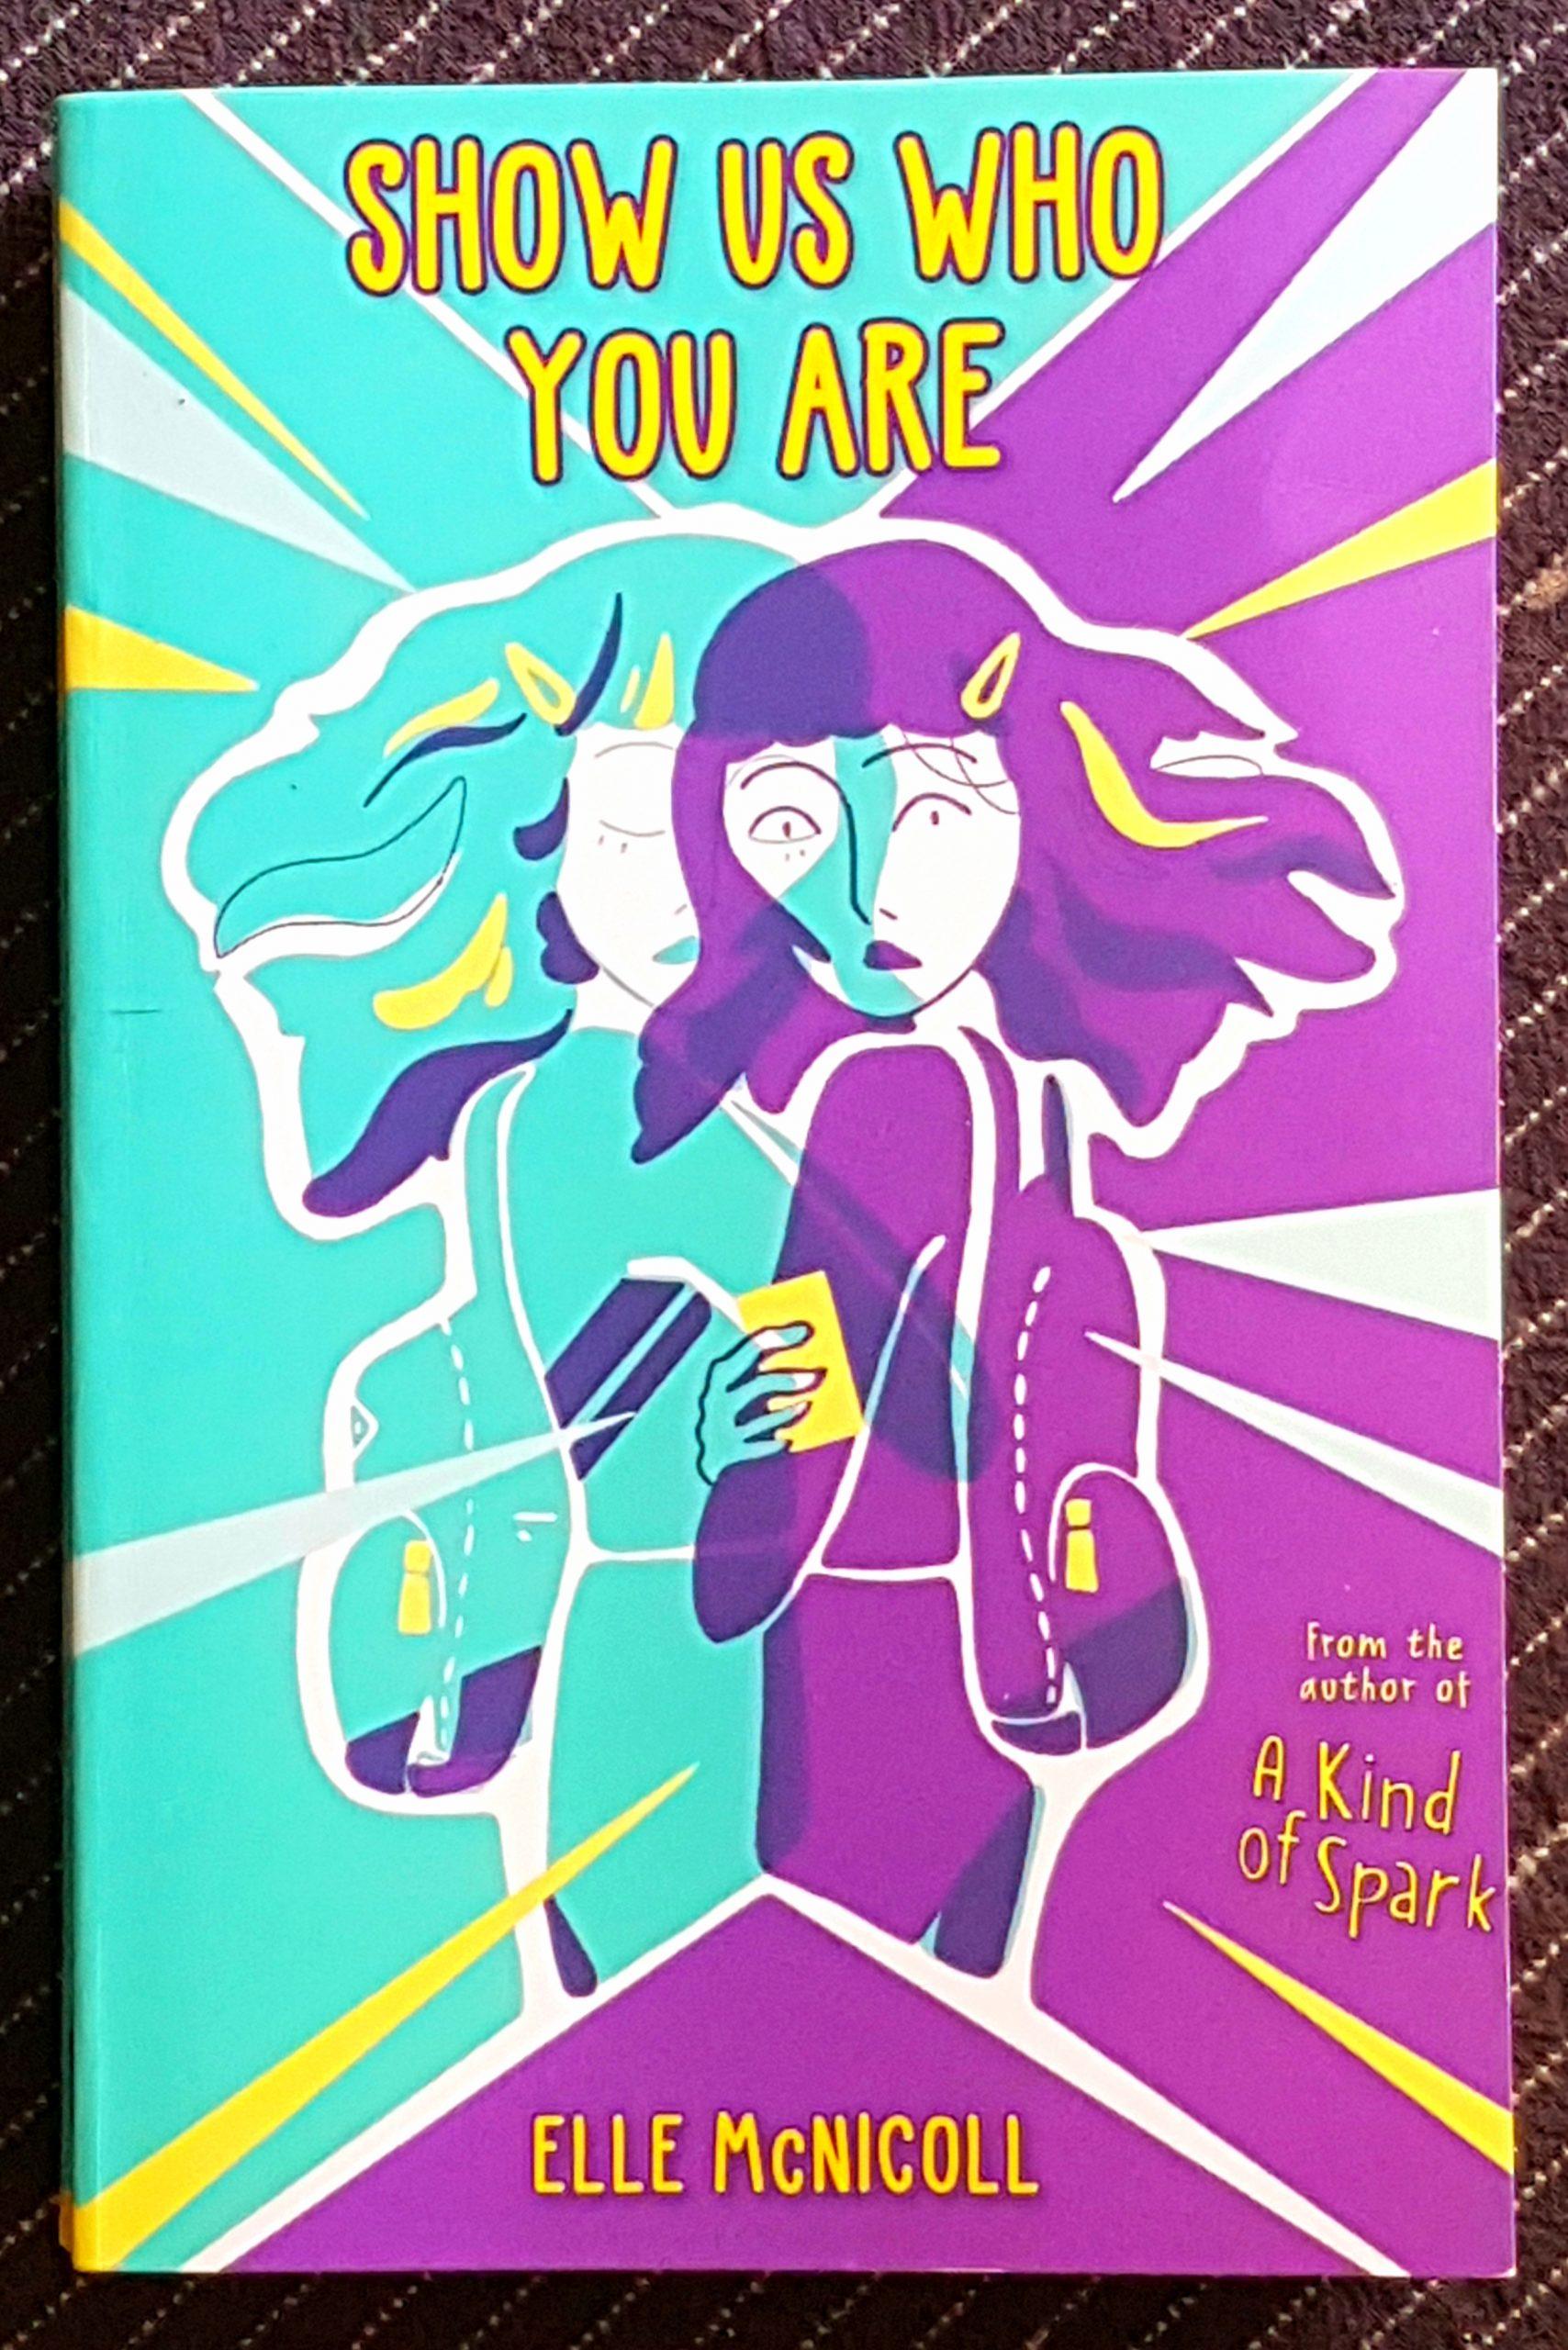 Buchdeckel von »Show us who you are« von Elle McNicoll. Der Titel ganz oben in gelb und der Name ganz unten in gelb. Die Illustration im drei-Farbendruck in gelb, türkis und lila. Die Silhouetten von zwei Personen überlagert sich, es scheint die gleiche Person mit langen Haare, gelber Spange und Rucksack zu sein. Die türkis farbene Person schaut mit verschränkten Armen konzentriert nach unten. Die Person in lila ist so überlagert, dass ein Auge an gleicher Position ist, die Augen sind weit aufgerissen und schauen direkt nach vorn, in der Hand ein gelbes Handy. Von ihnen beiden weg gehen weiße und gelbe Dreiecke wie Blitze nach außen.